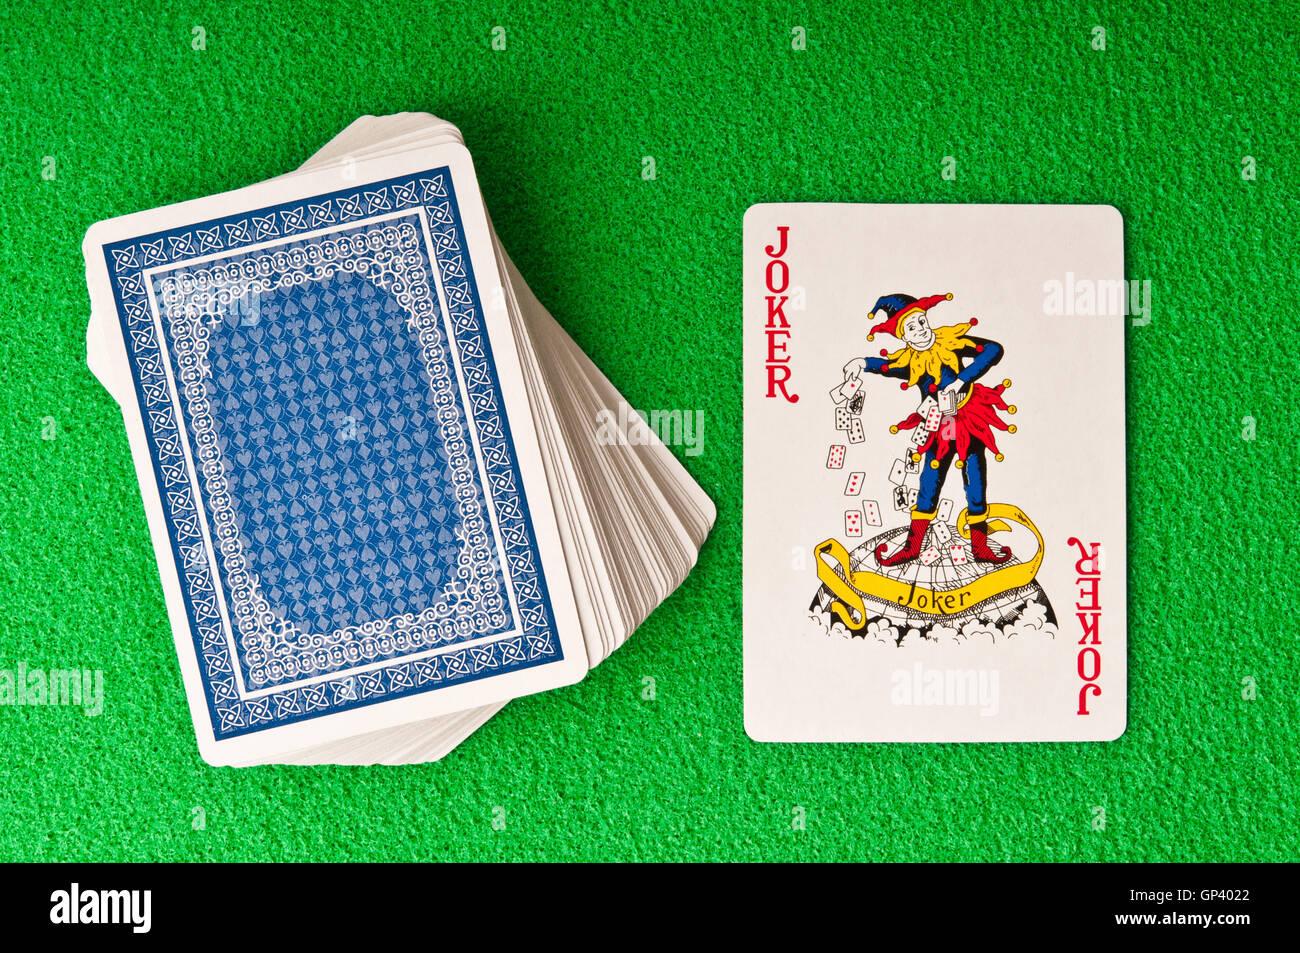 Spielkarte Joker Stockbild